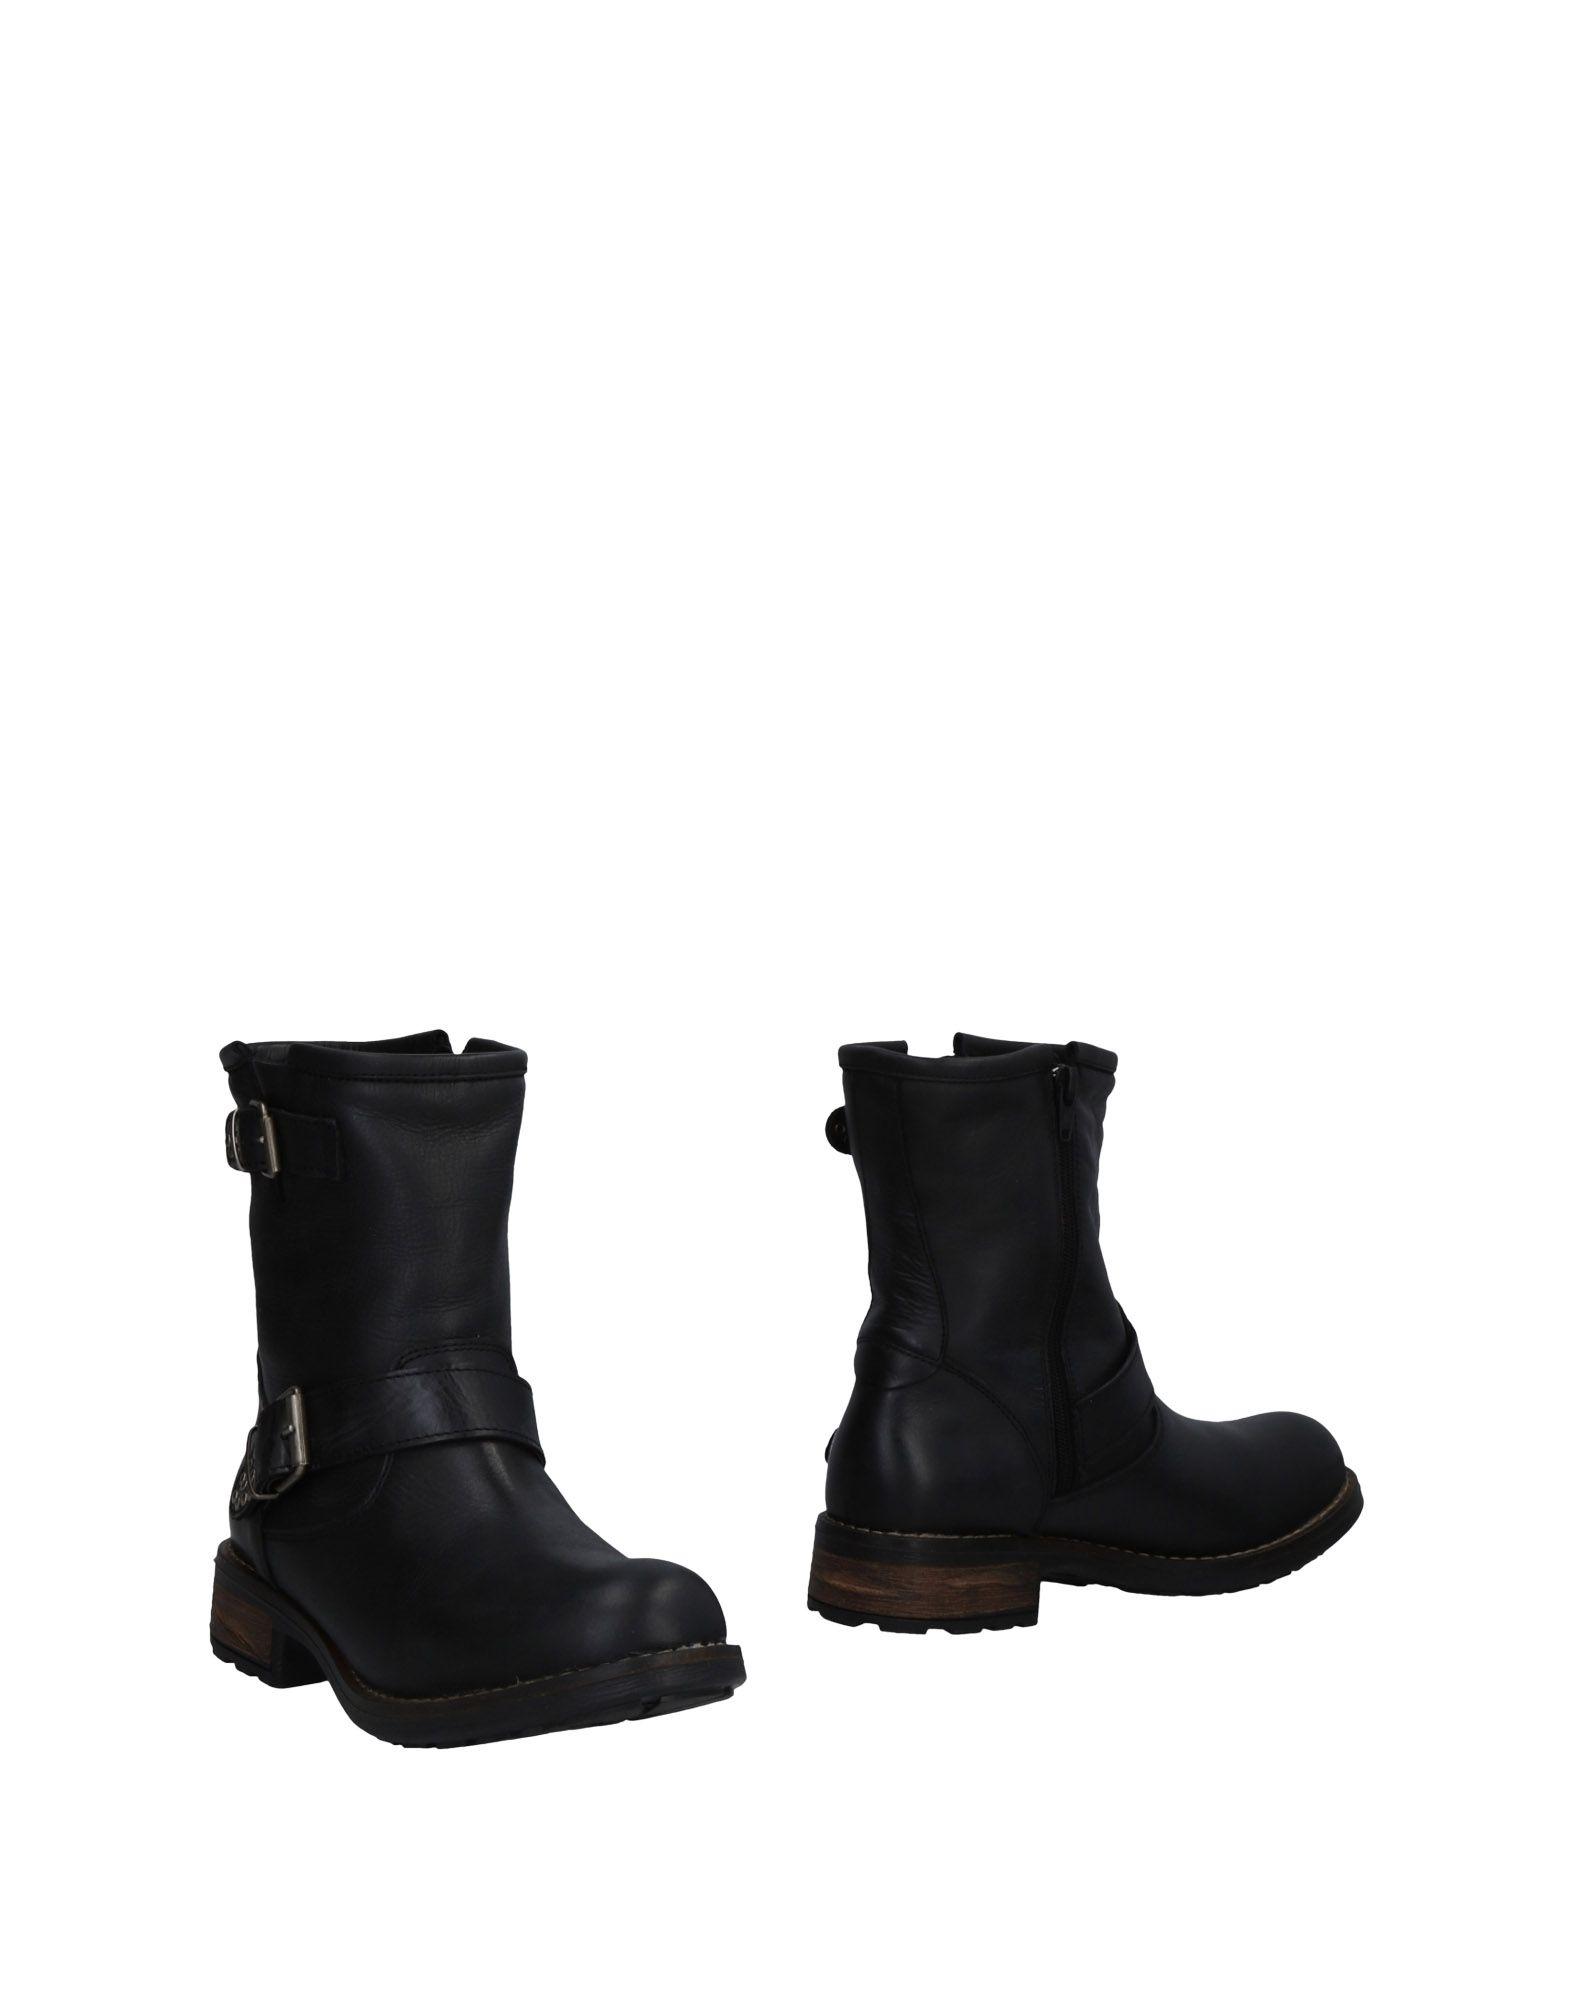 Giō Di Grünland Stiefelette Damen  11486813KA Gute Qualität beliebte Schuhe